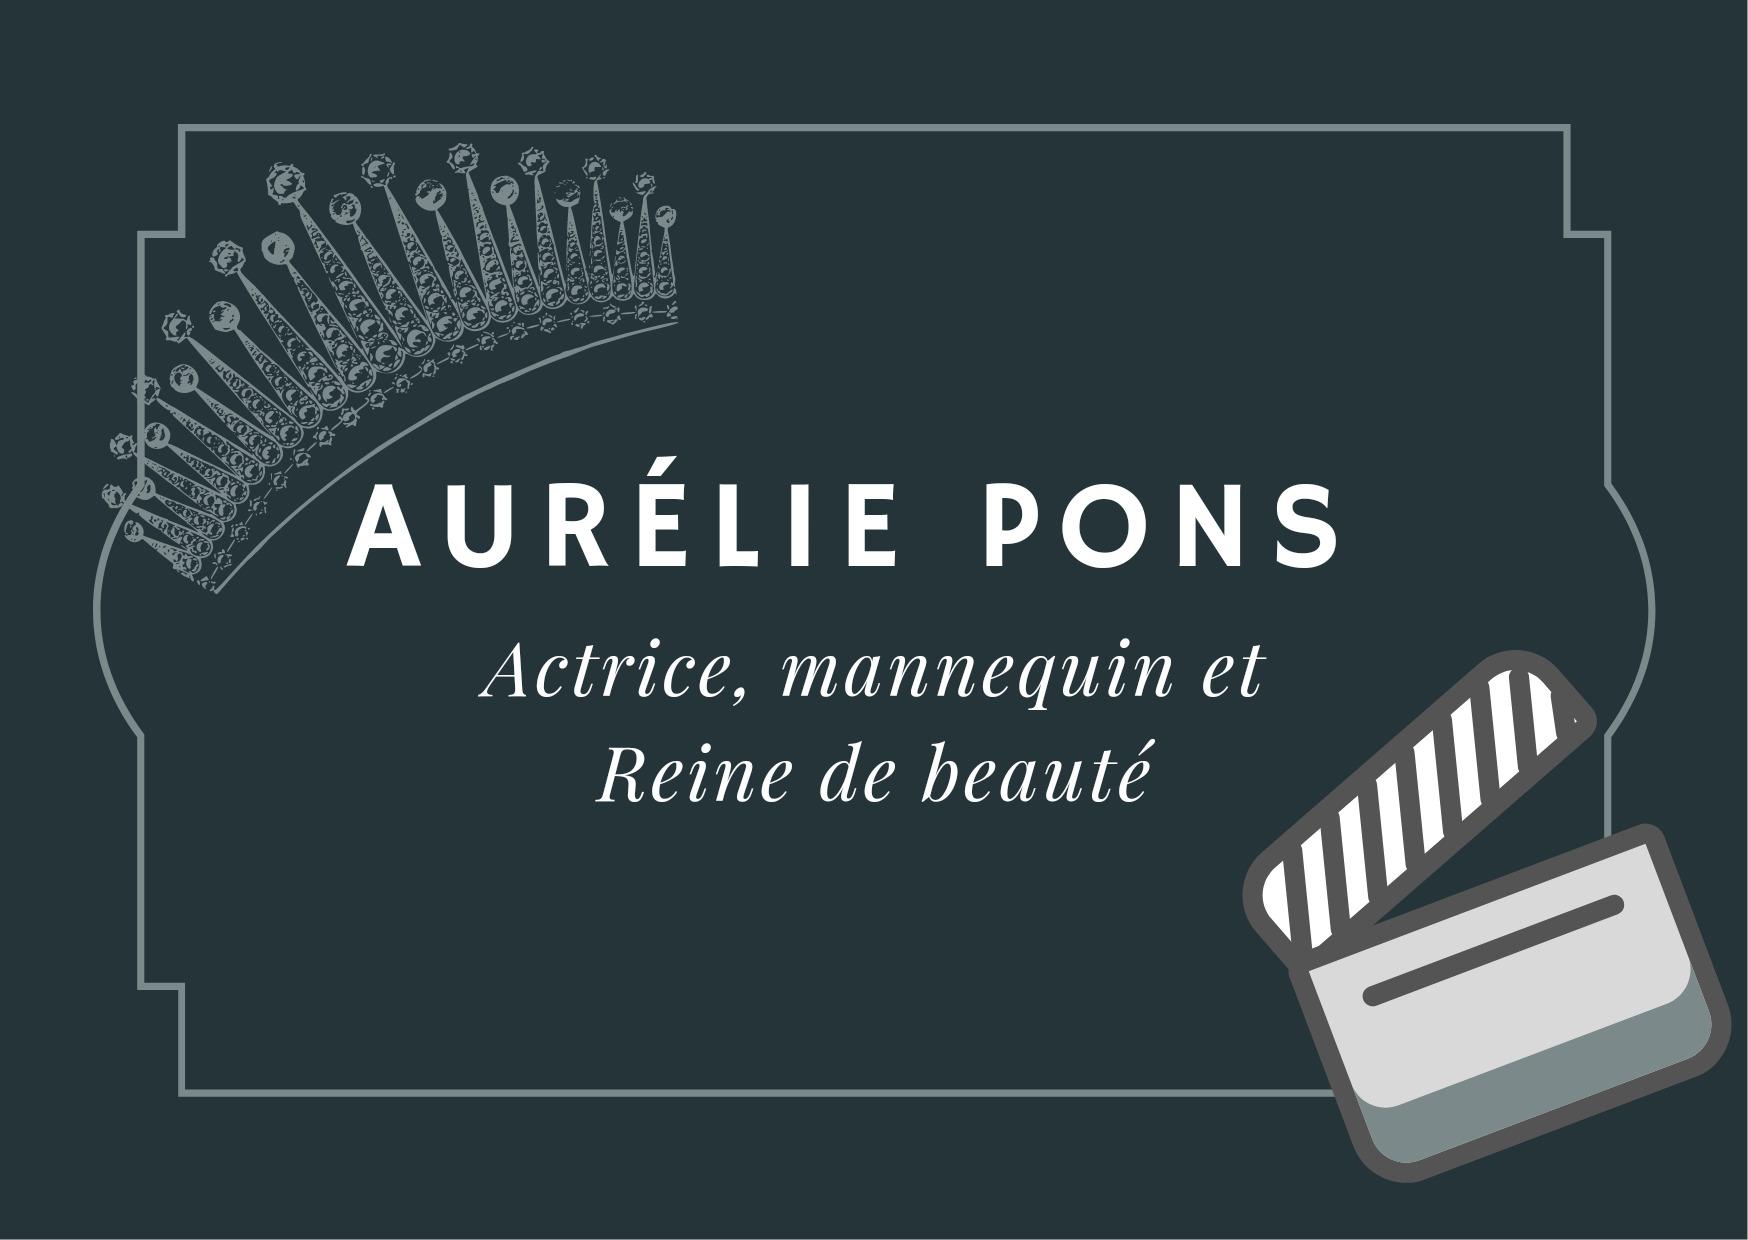 Aurélie_Pons_:_un_destin_de_Miss_à_actrice